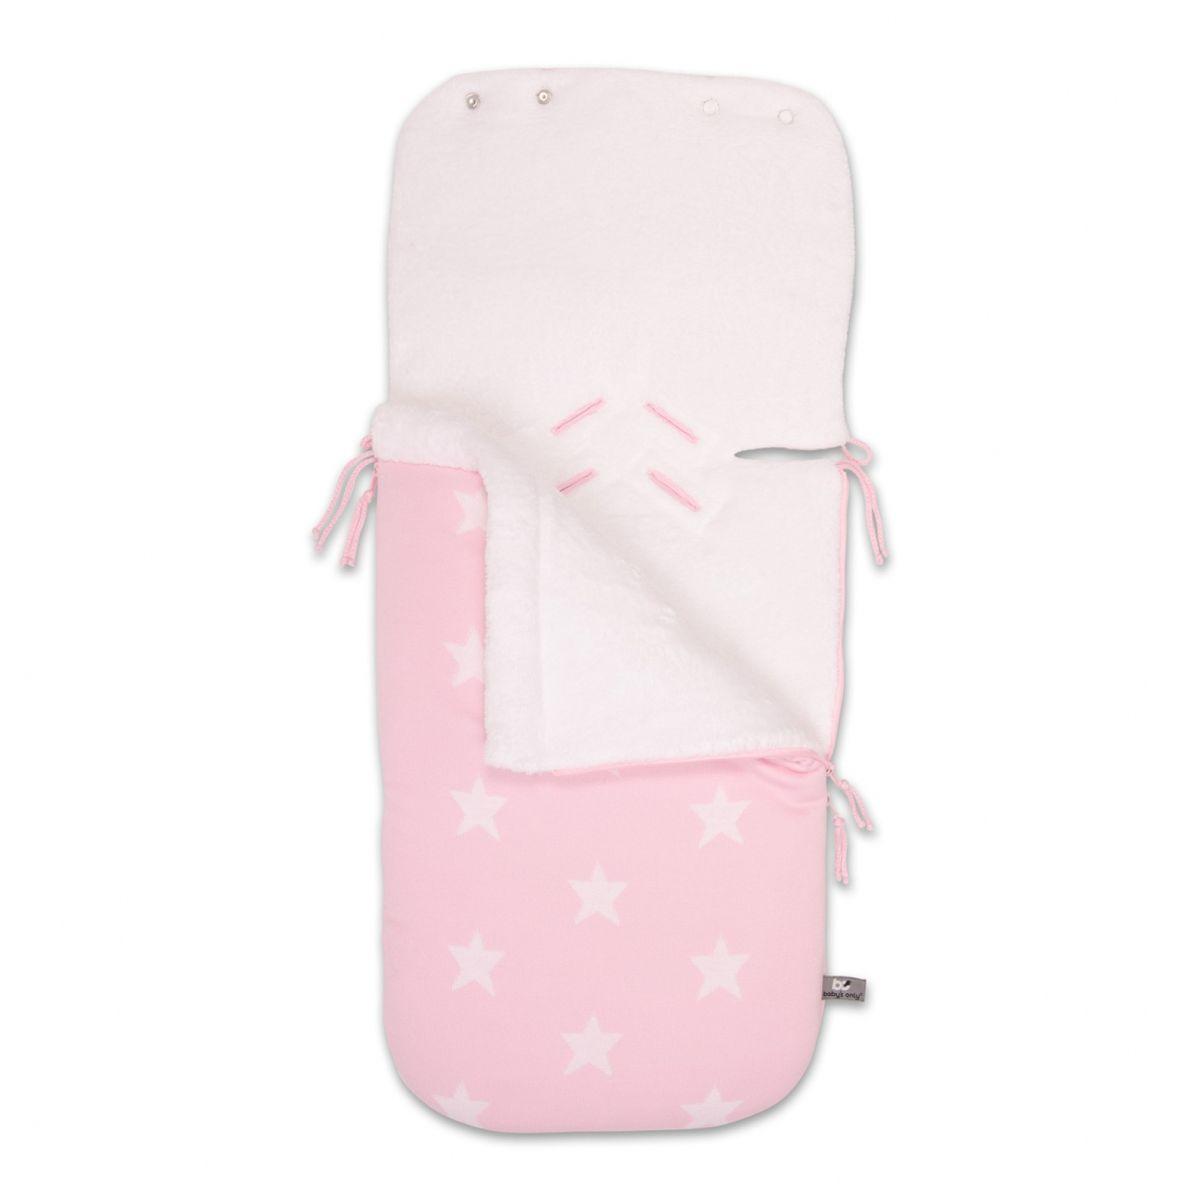 Baby Pink - Lämpöpussi turvakaukaloon - 333500210 - 7